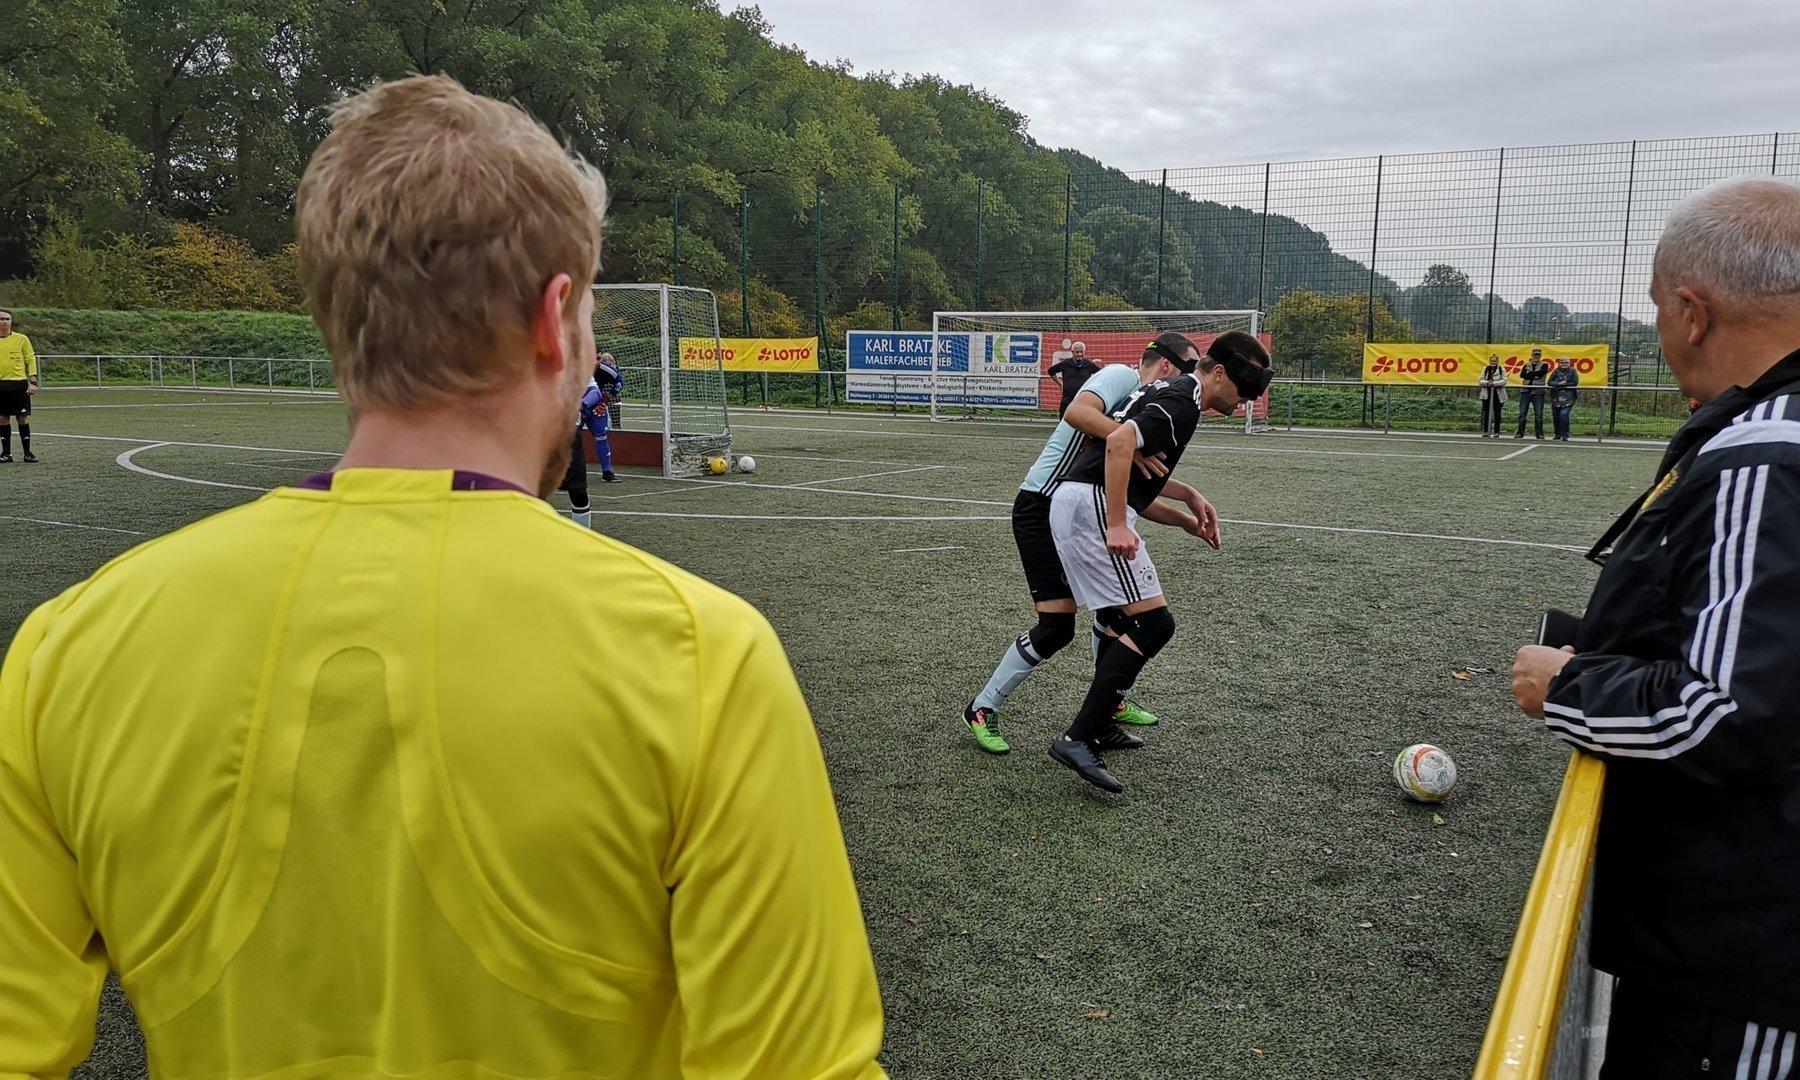 Deutschlands Alexander Fangmann versucht sich gegen Belgiens David Dortu durchzusetzen. Schiedsrichter Dustin Vennemann hat den Zweikampf im Blick. Foto: Jonas Bargmann